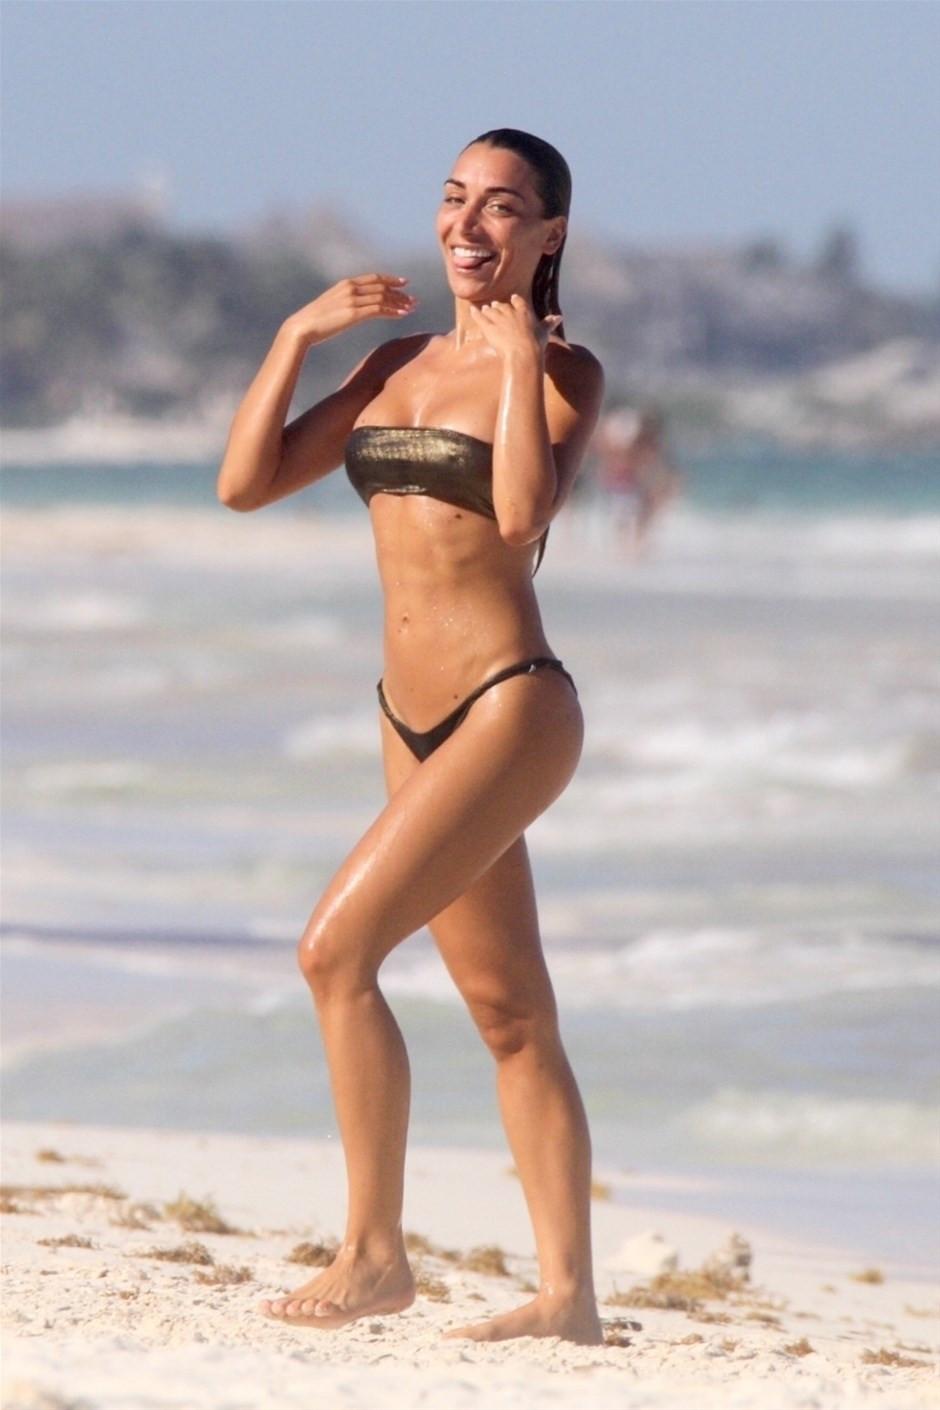 Güzel manken koronavirüse aldırmadı, plajın keyfini çıkardı!